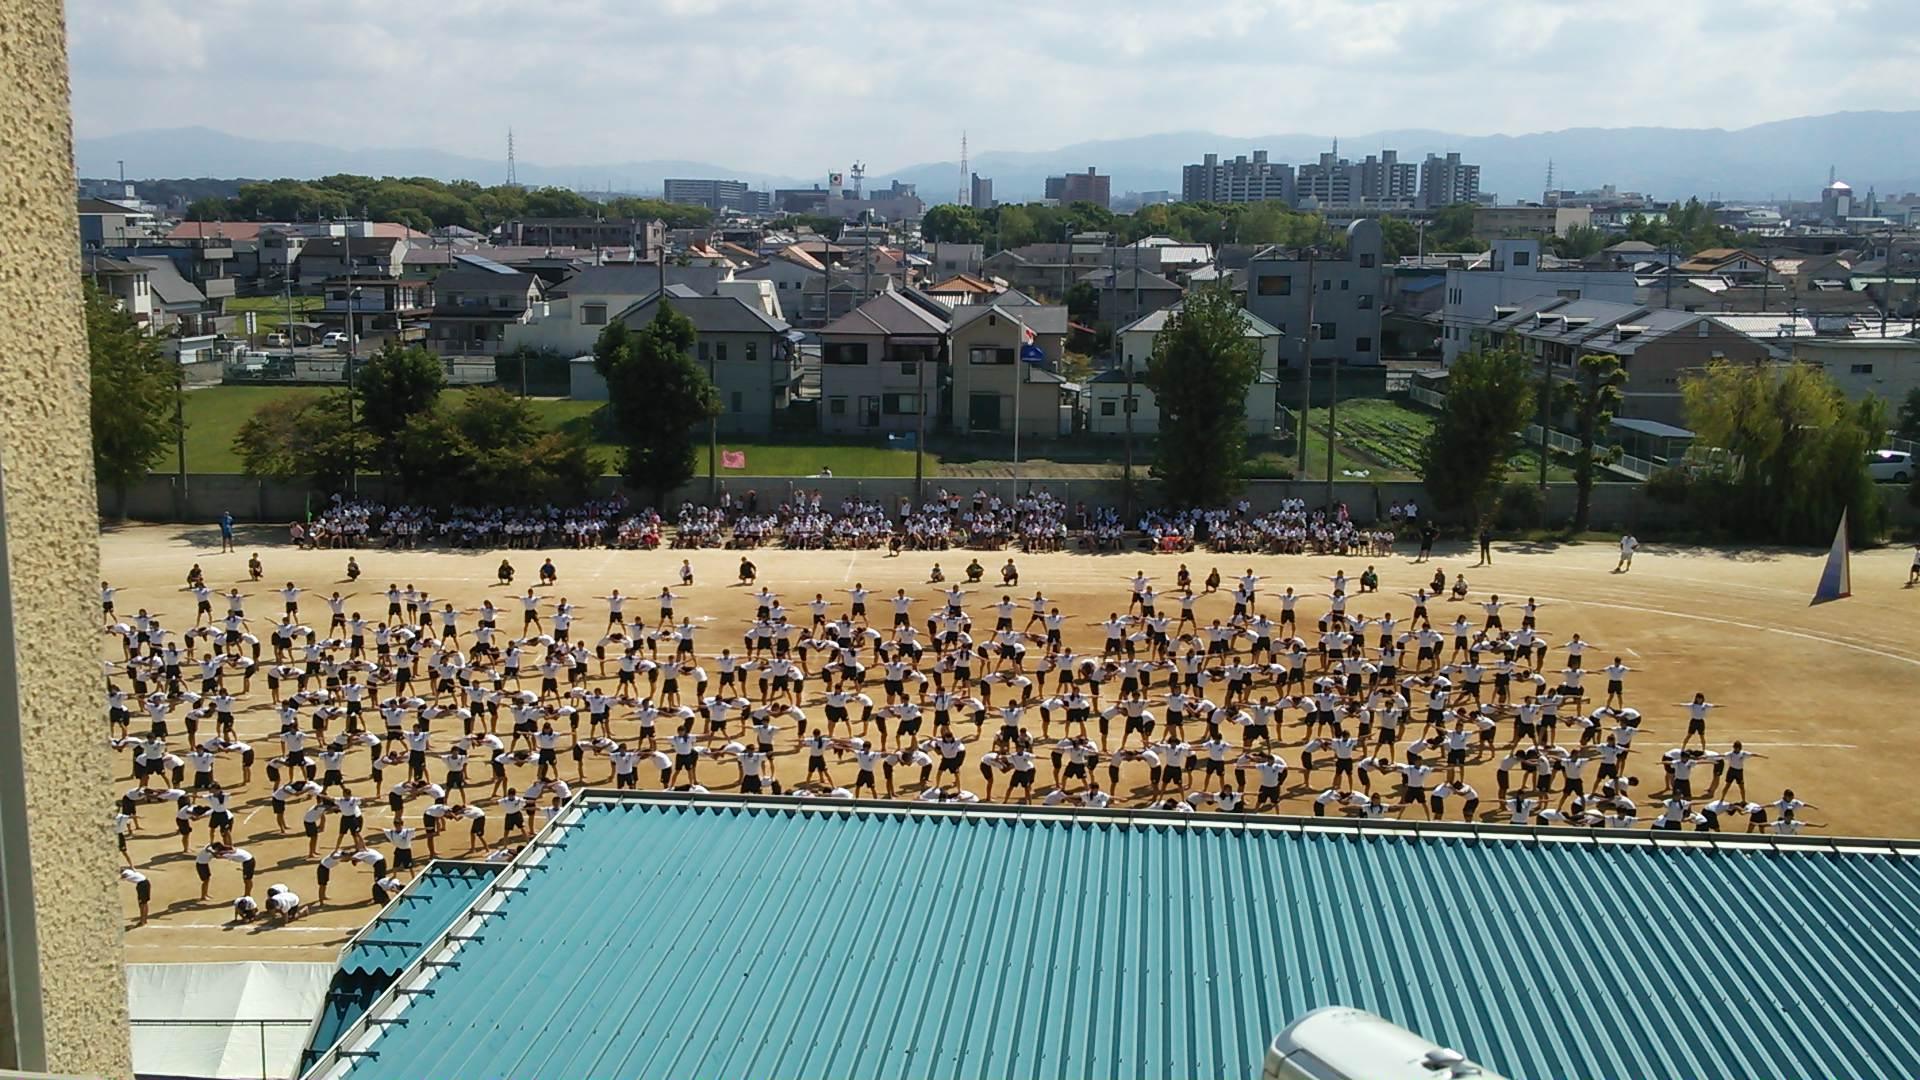 中学の体育大会と障害者のスポーツ大会